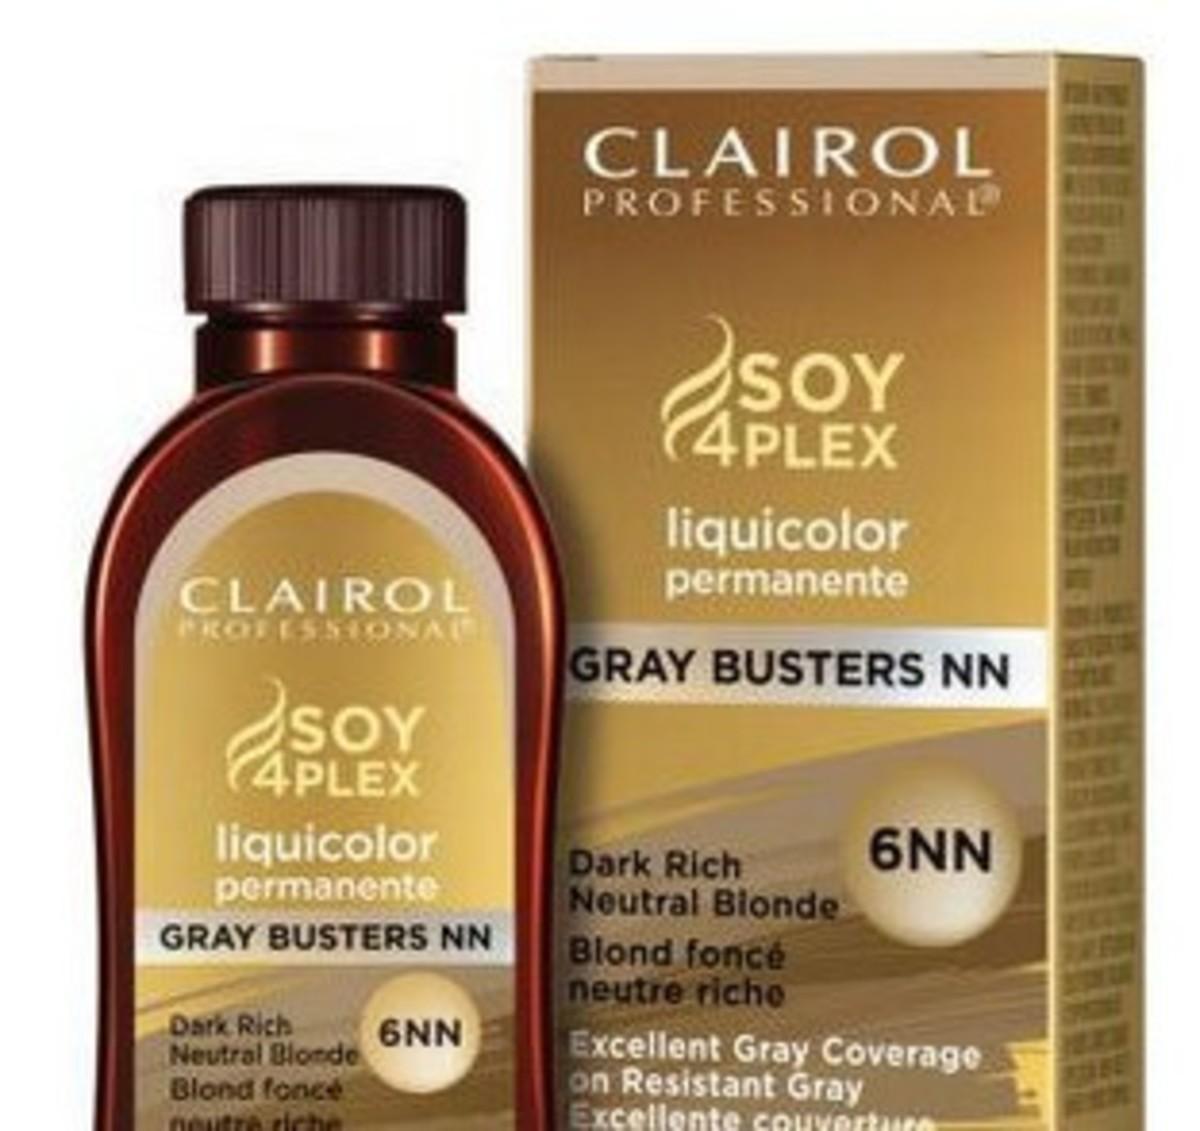 Clairol Professional Soy 4 Plex Liquid Permanent Haircolor